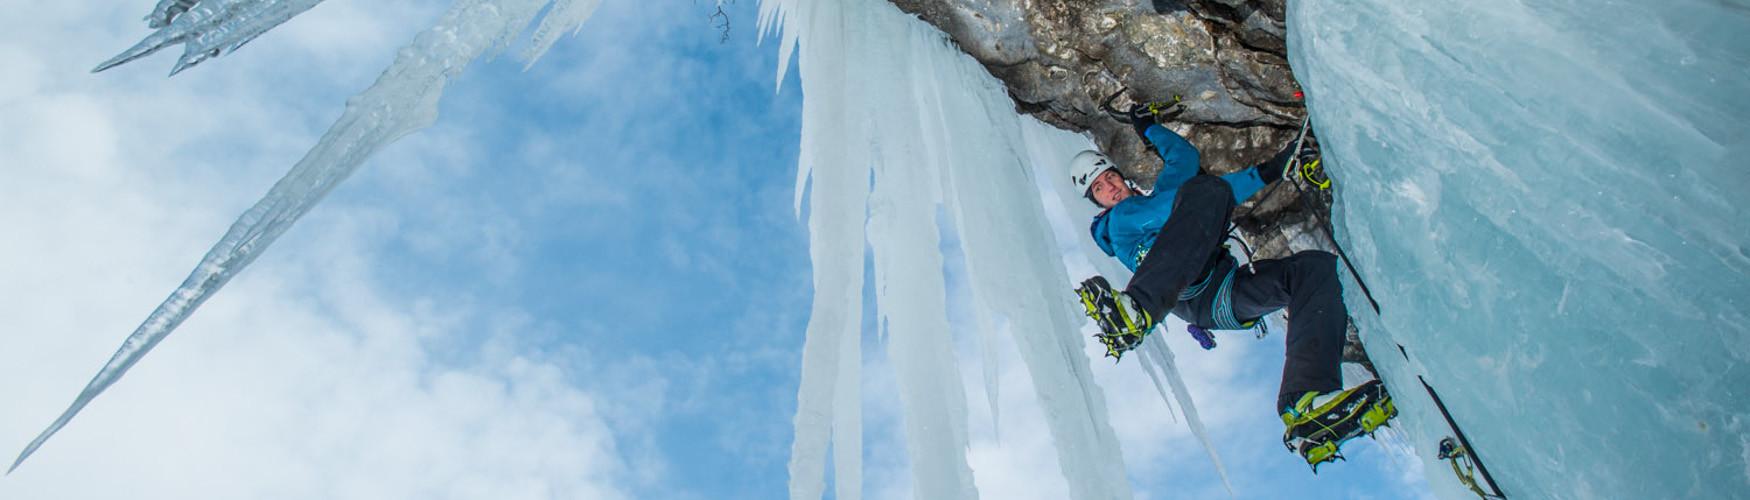 Eisklettern Tagestouren, Individuelle Tagestouren Eisklettern, Bergführer Eisklettern